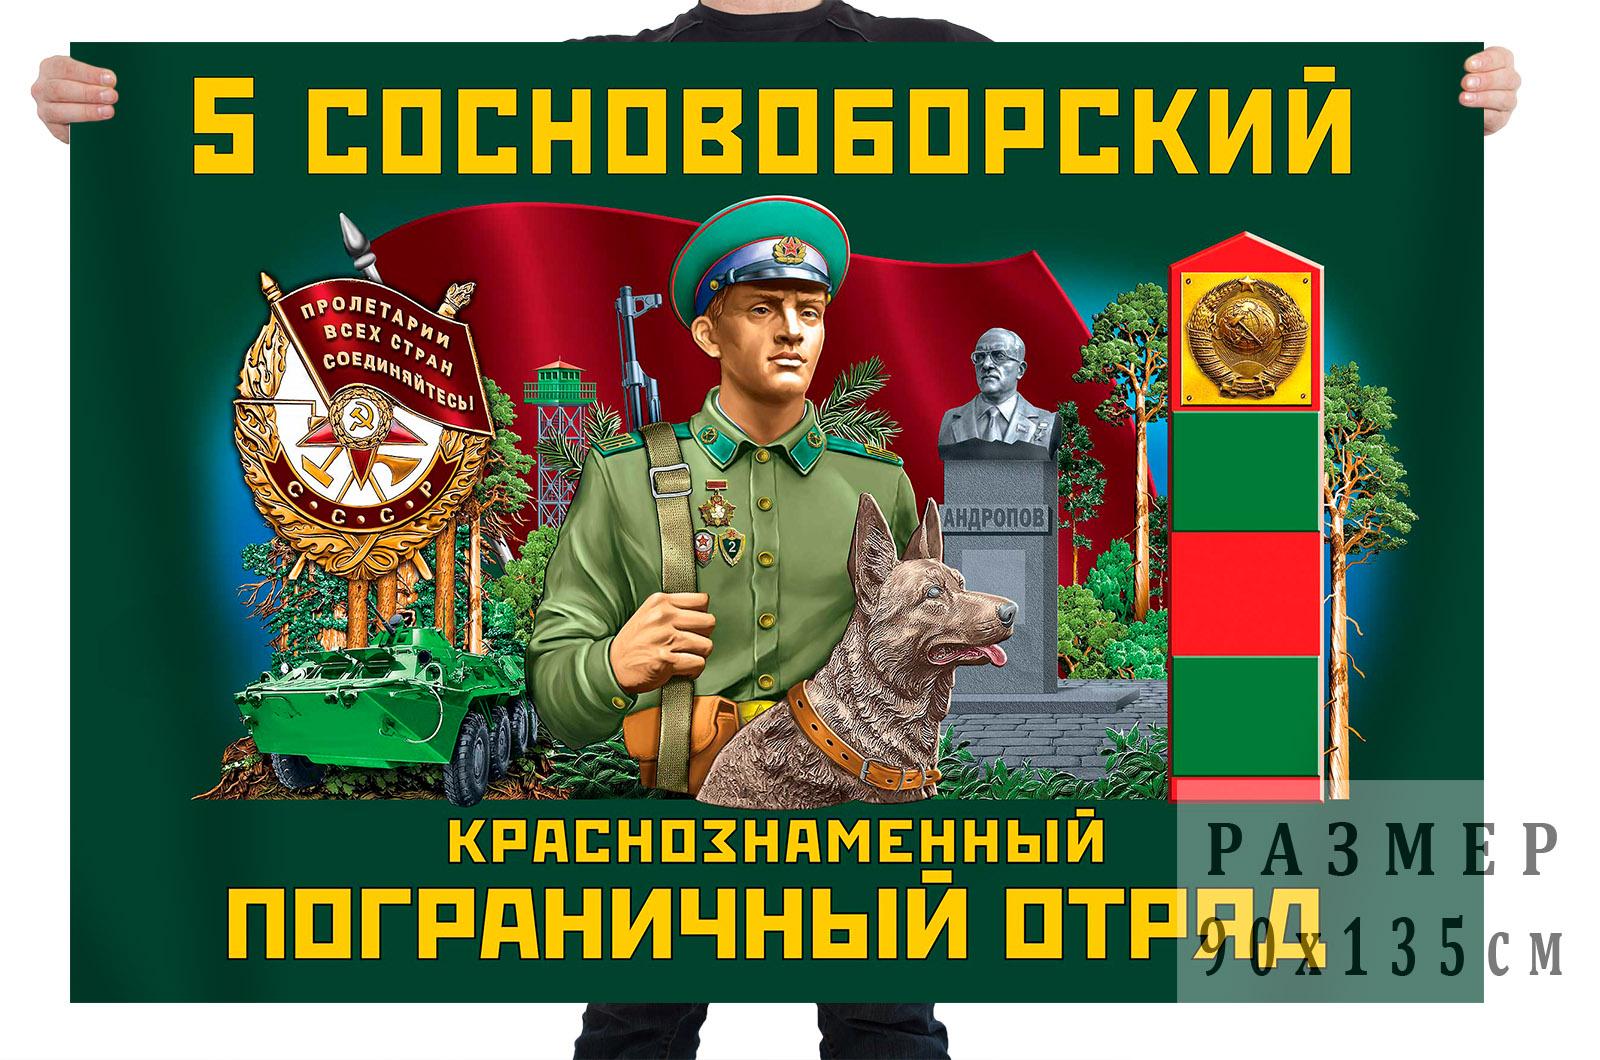 Флаг 5 Сосновоборского Краснознамённого пограничного отряда